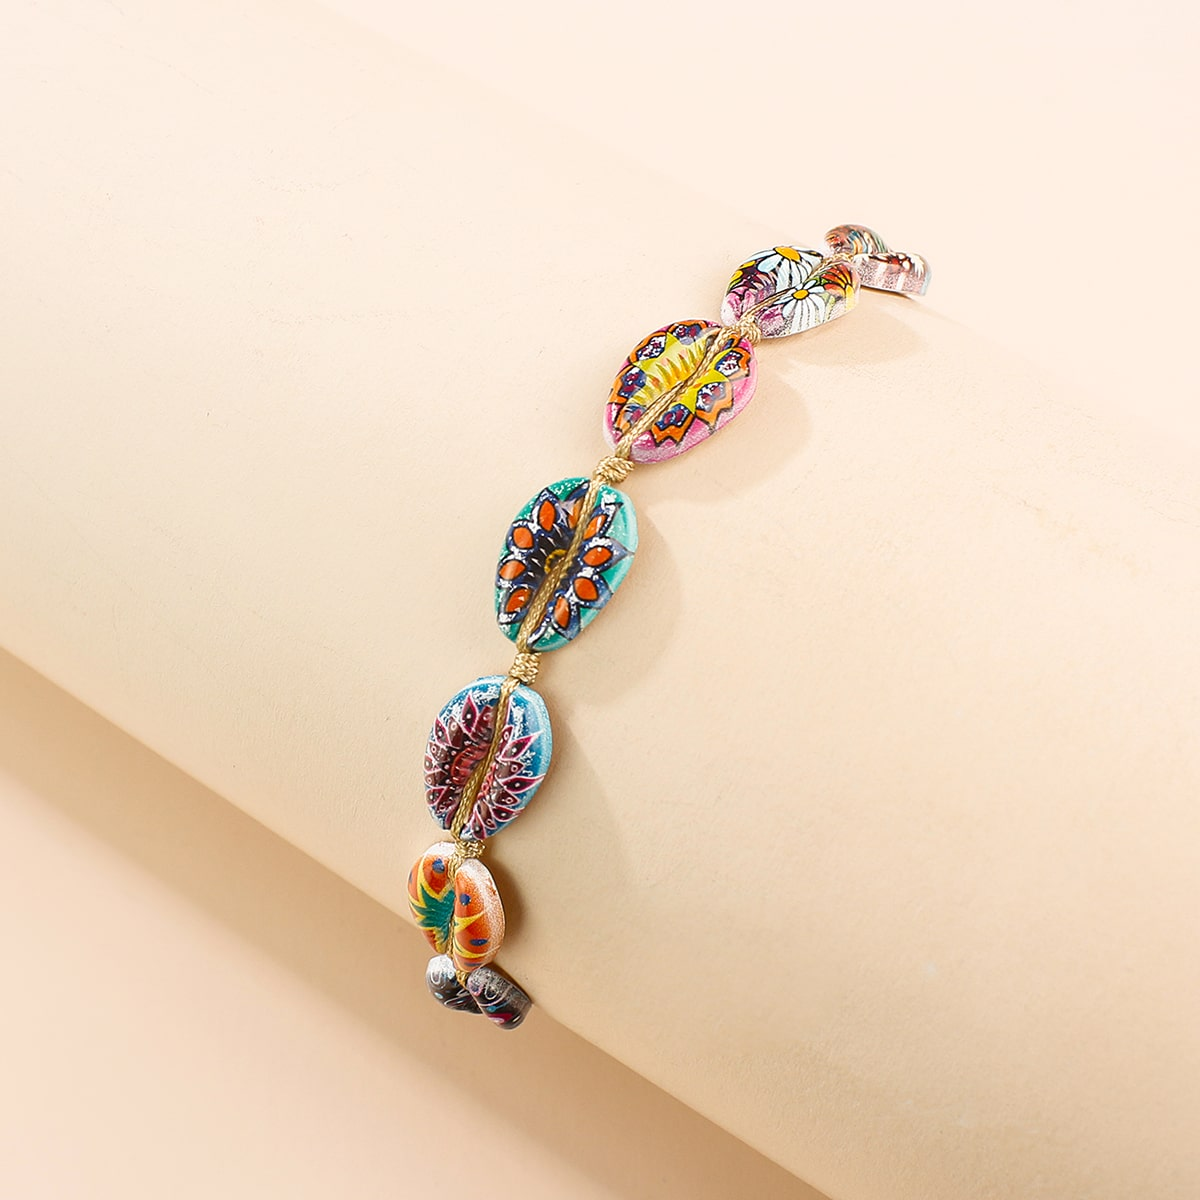 Струнный браслет с декором ракушки фото